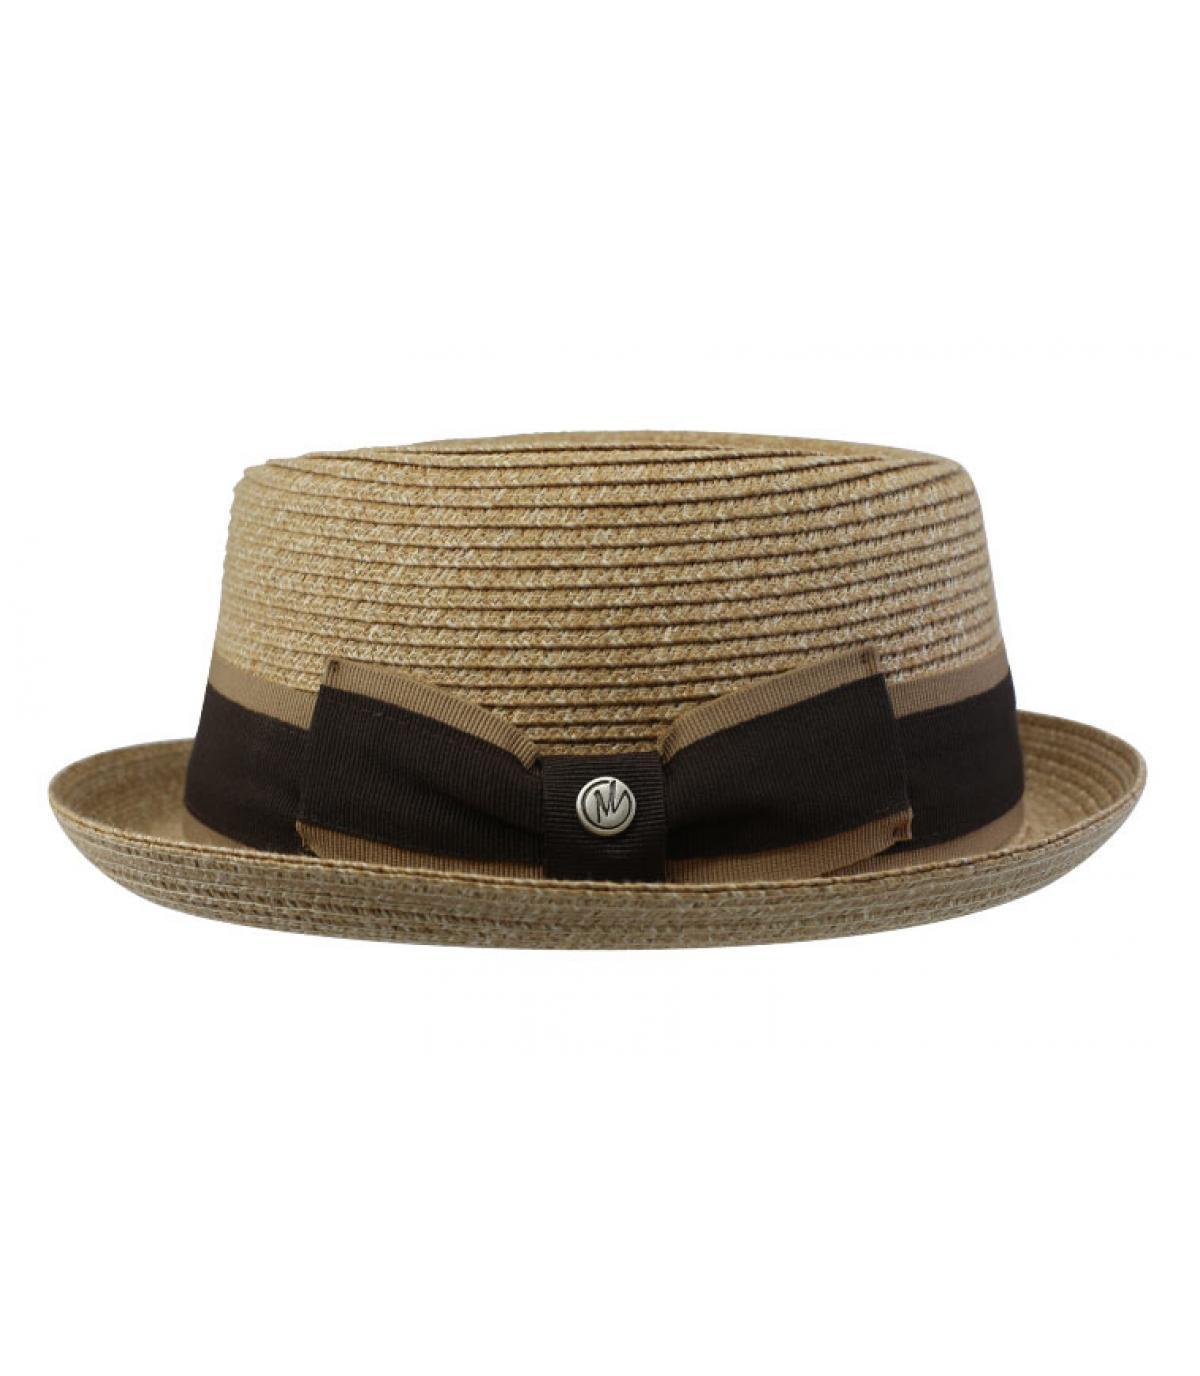 57482ac598df8 Chapeau marron - achat en ligne